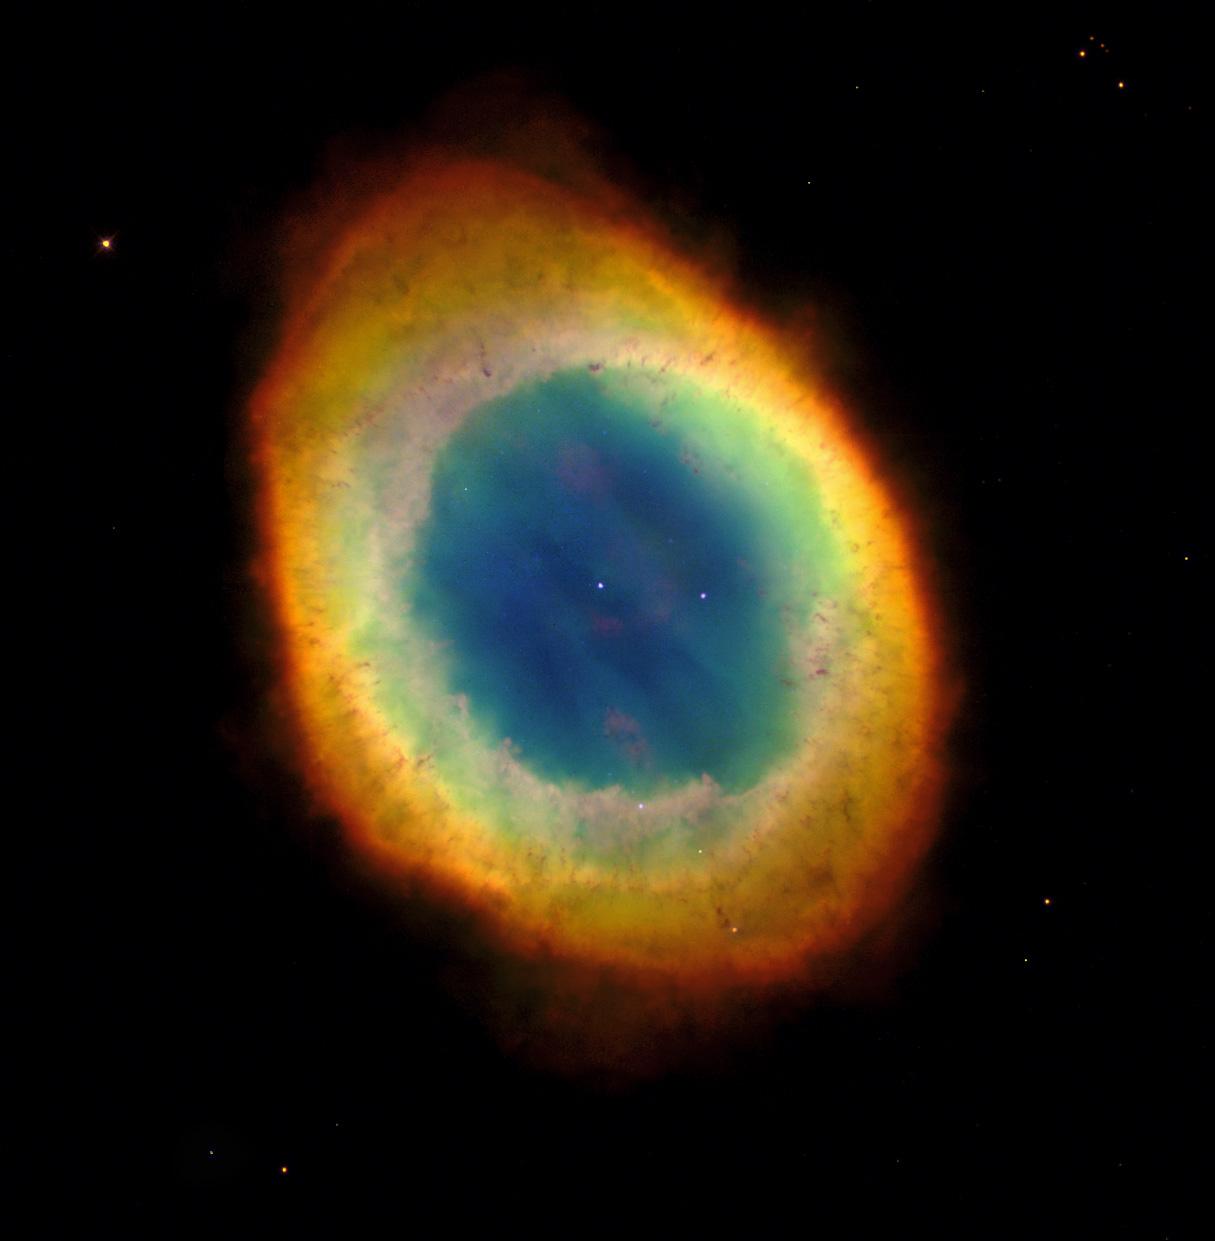 """468ffc406e030 ... observar o aparecimento temporário de uma """"estrela nova"""". Existem  vários casos documentados deste tipo de fenómeno  em 1006 a """"estrela nova""""  observada e ..."""